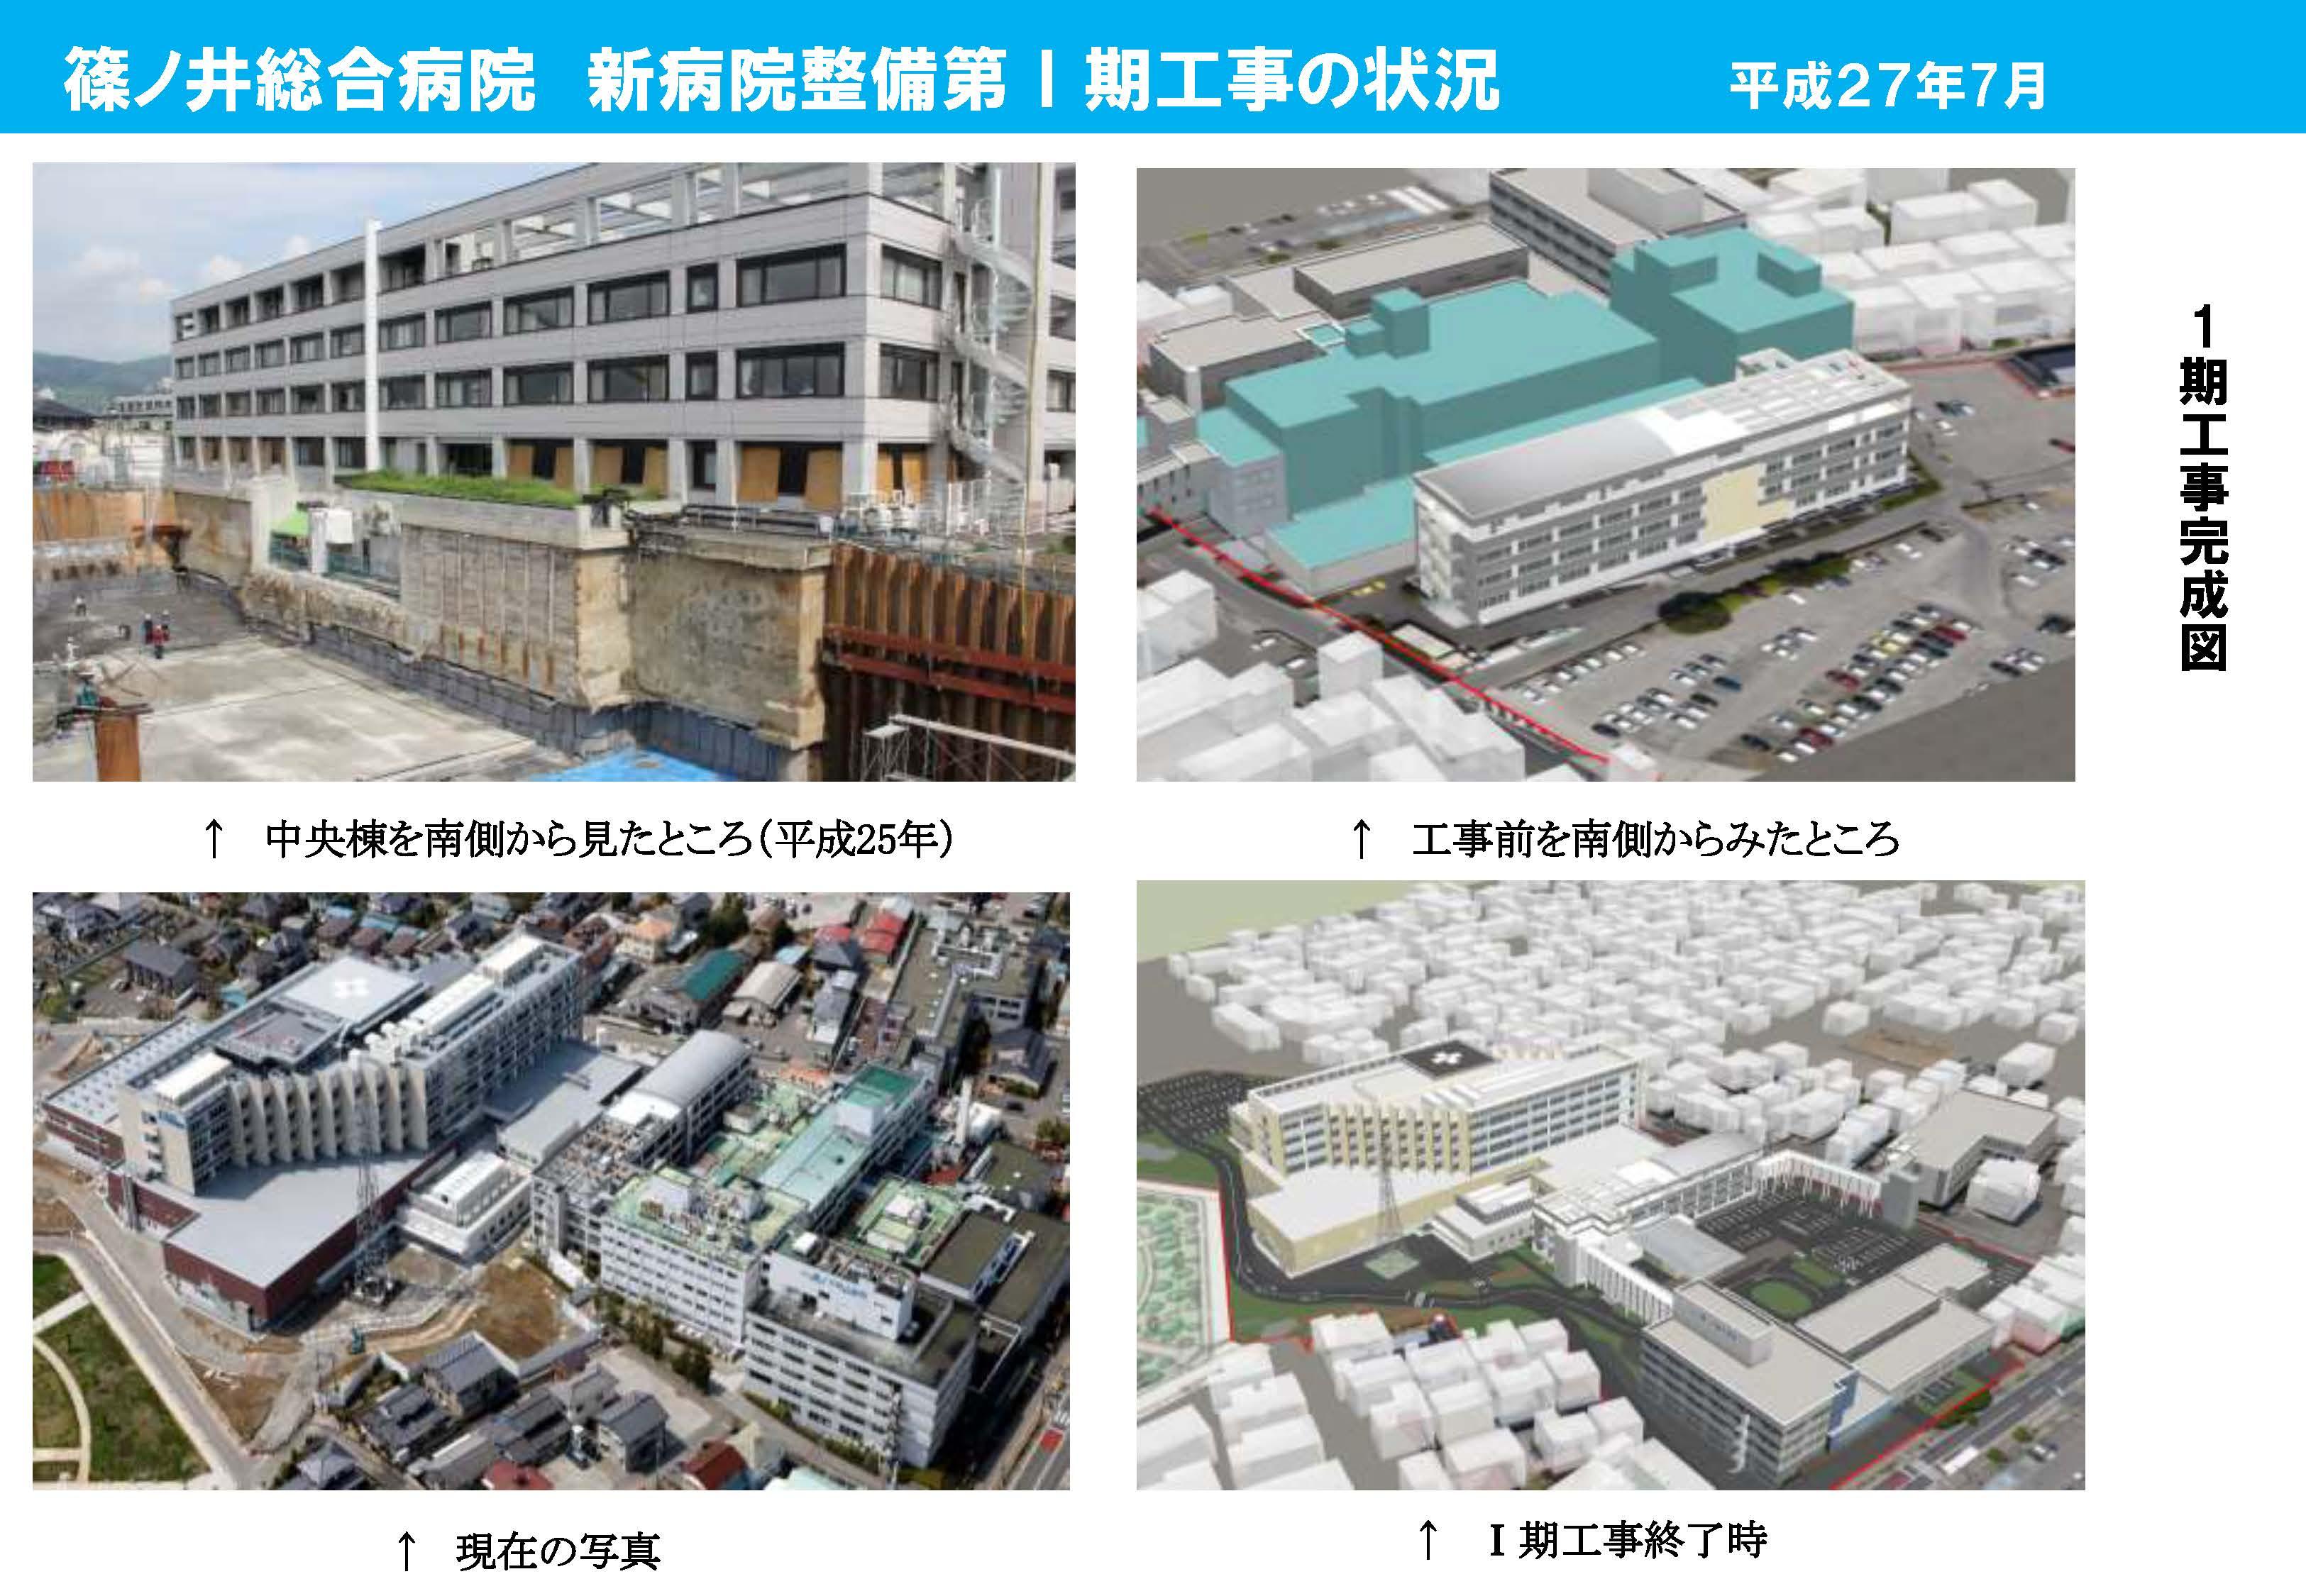 工事写真ニュース201507.1_ページ_1